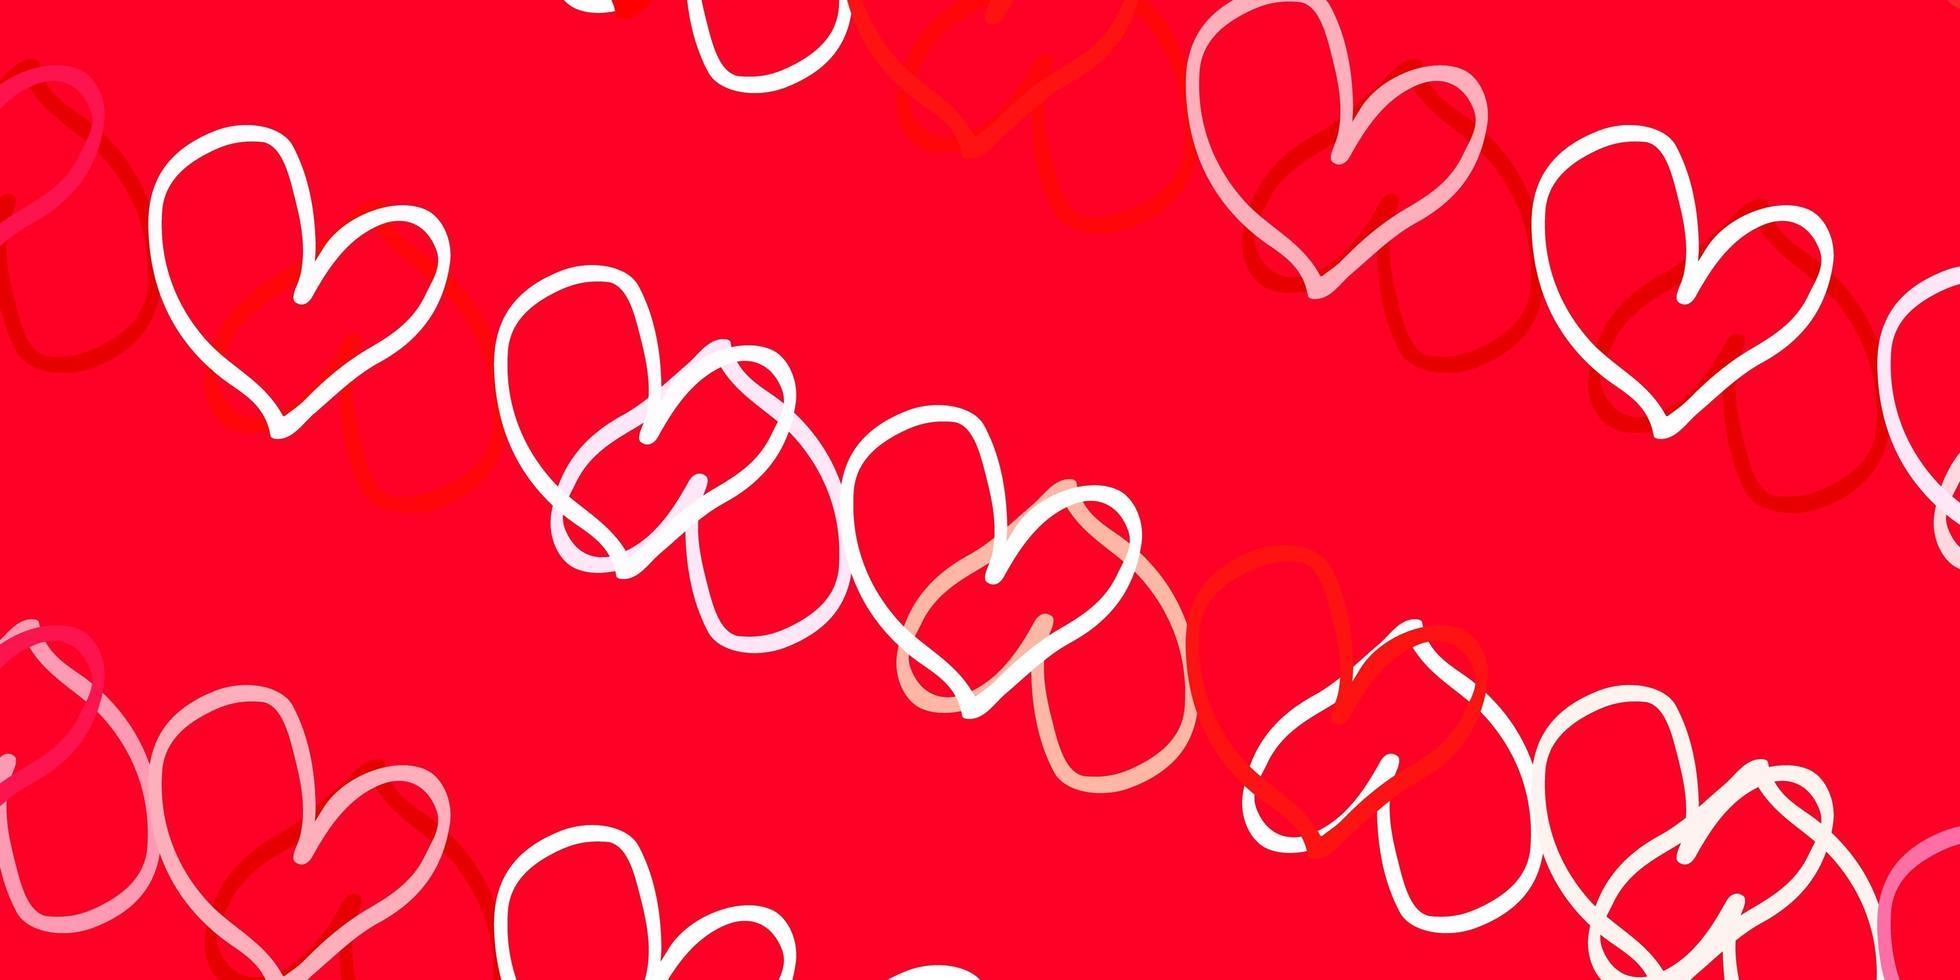 hellrote Vektorbeschaffenheit mit schönen Herzen. vektor